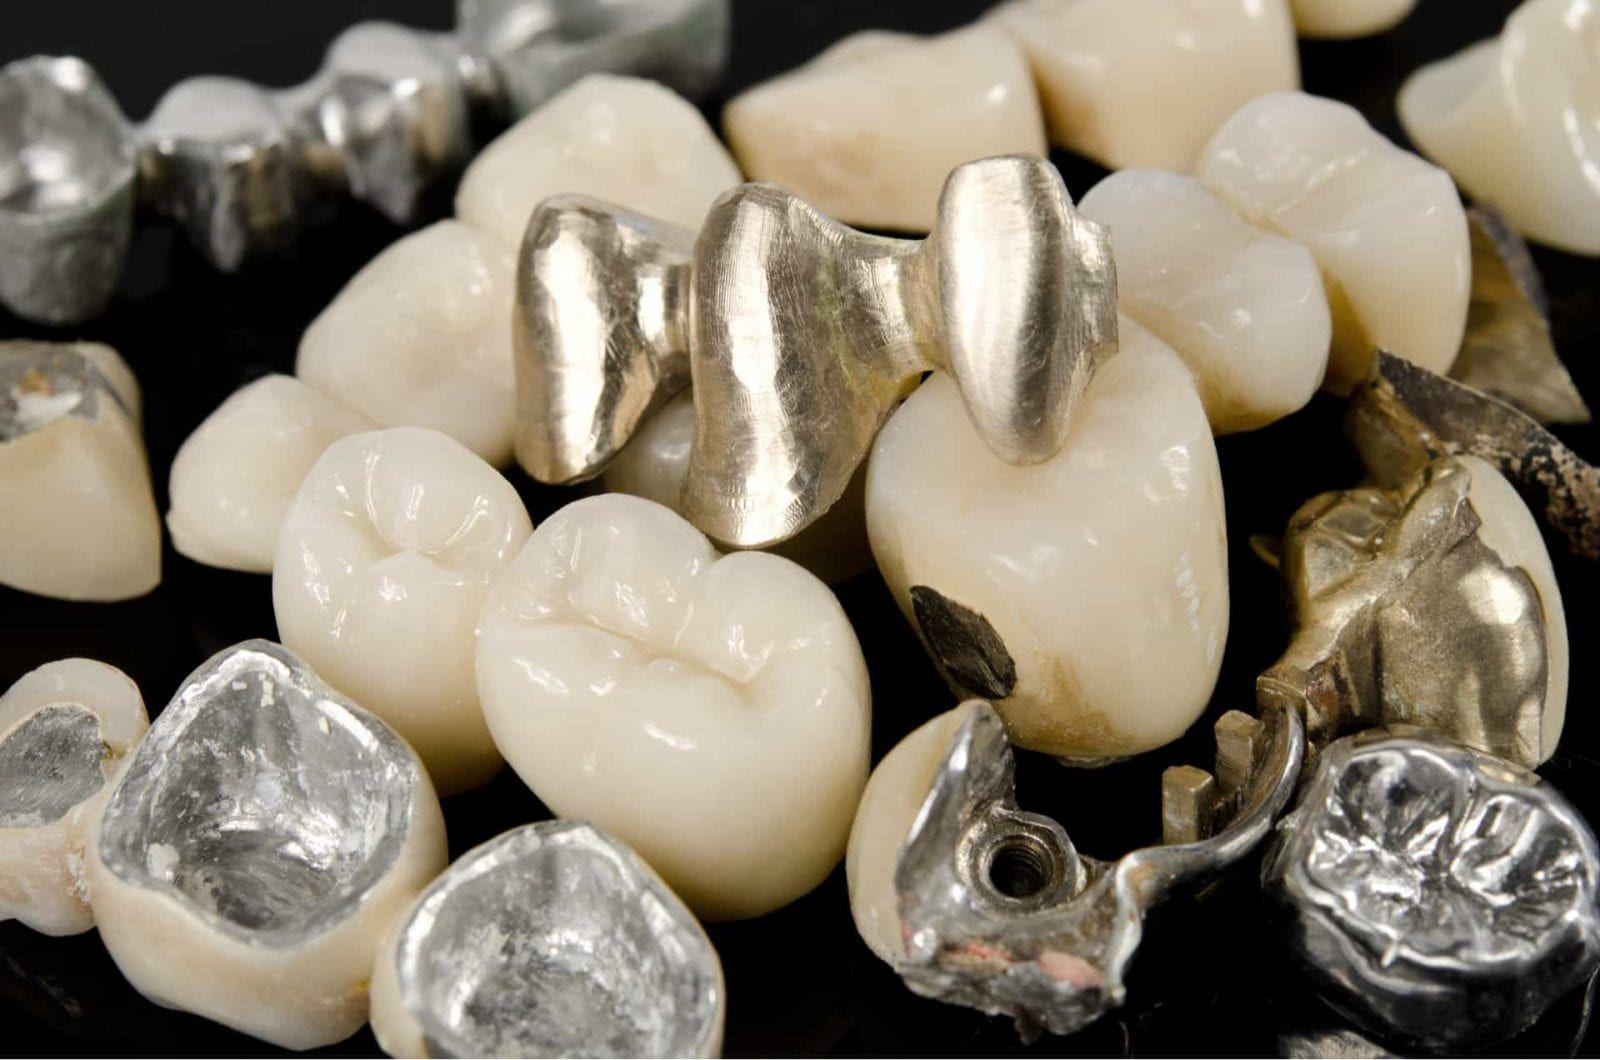 a bundle of alloys in a dental lab